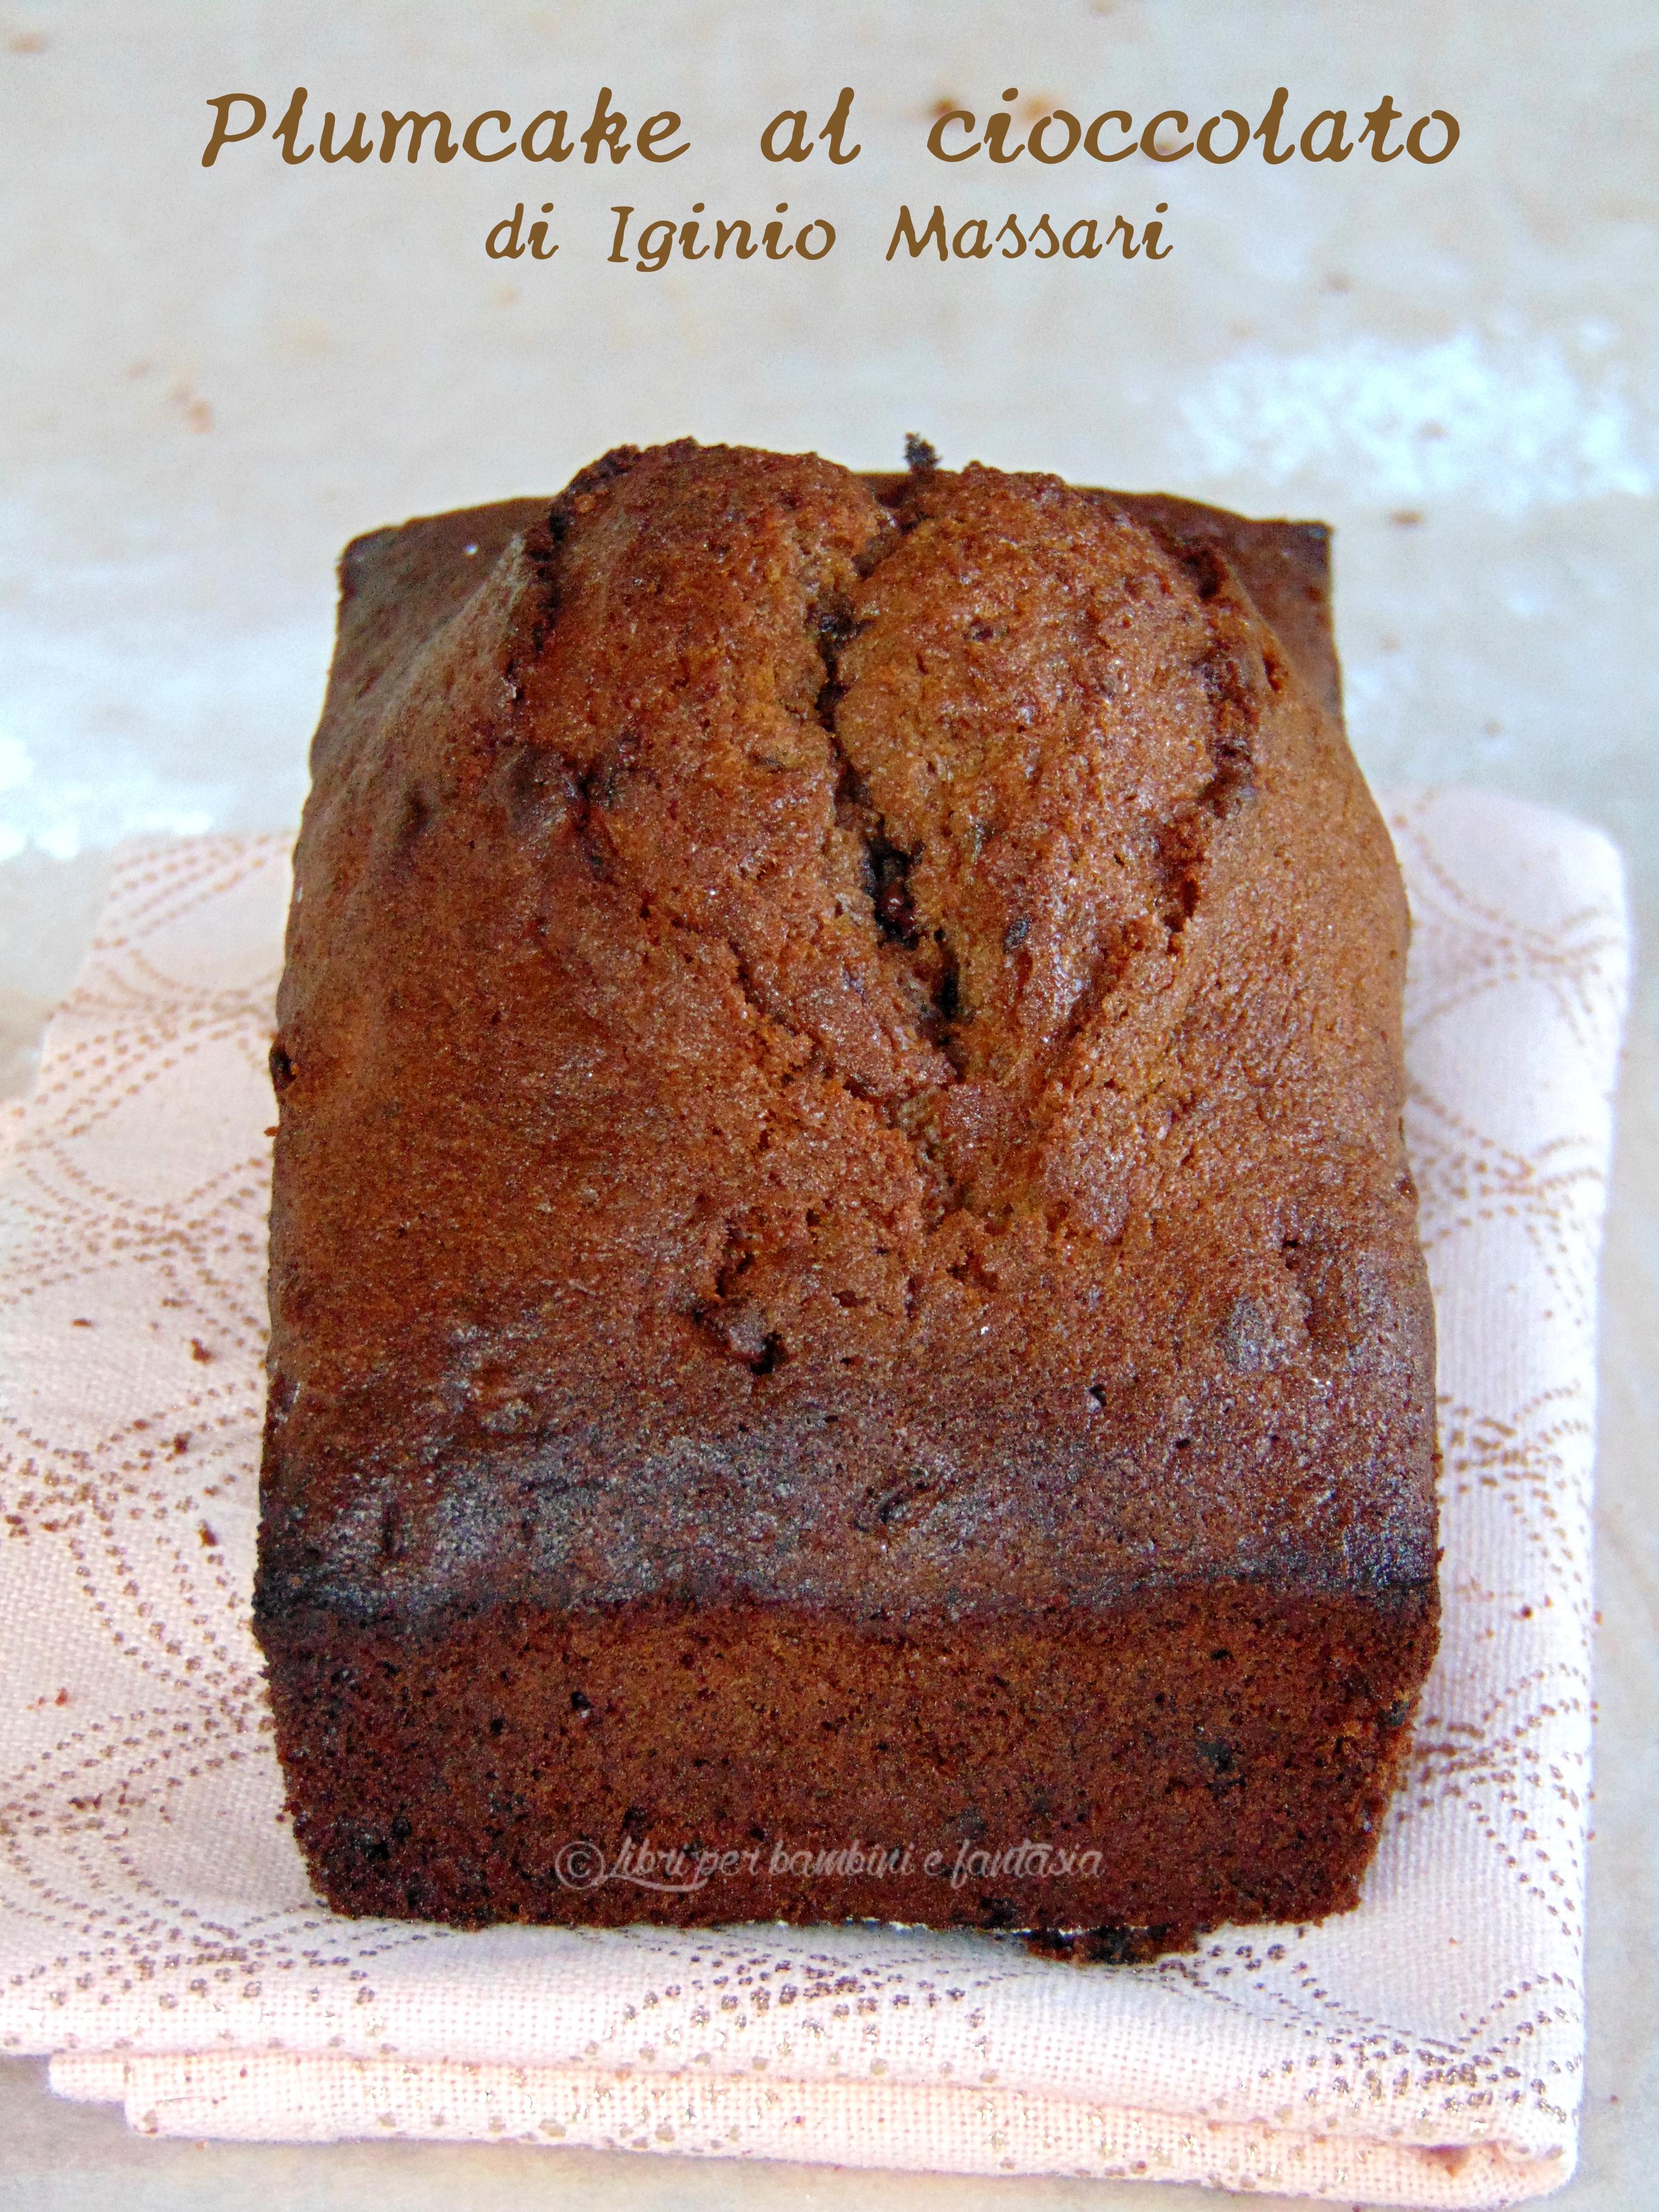 plum cake al cioccolato Massari 5